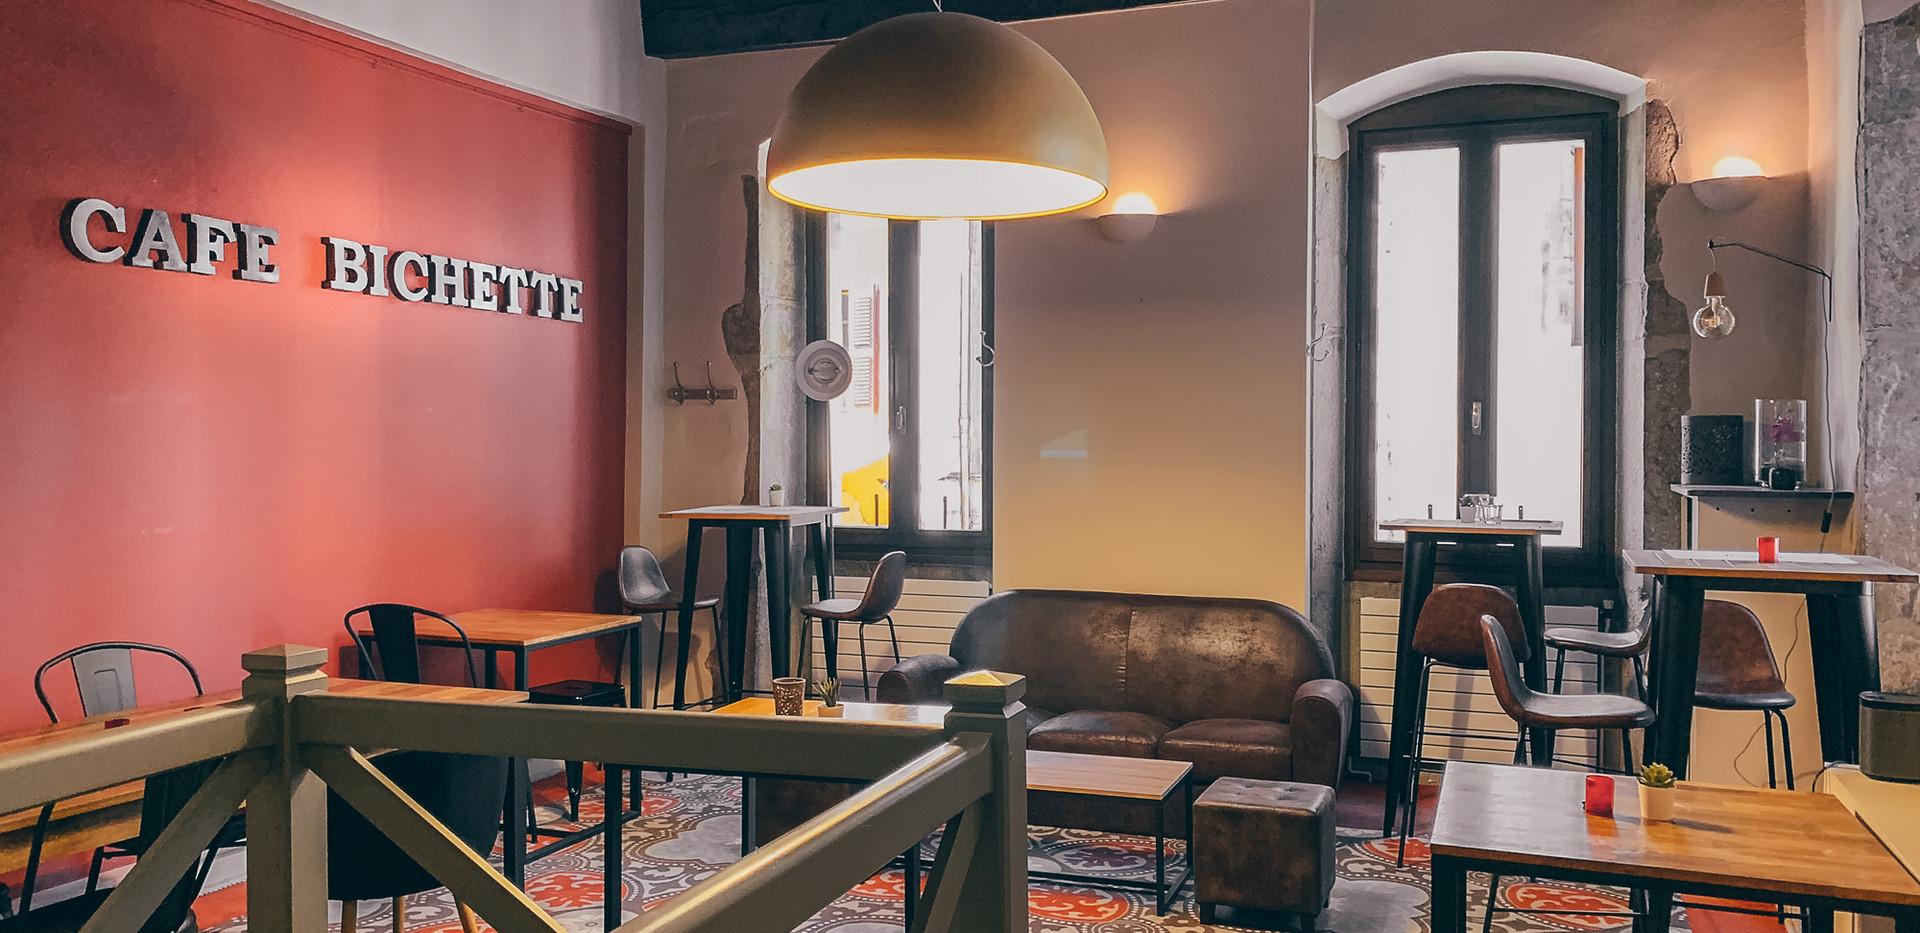 cafébichette-sallehaut.jpg